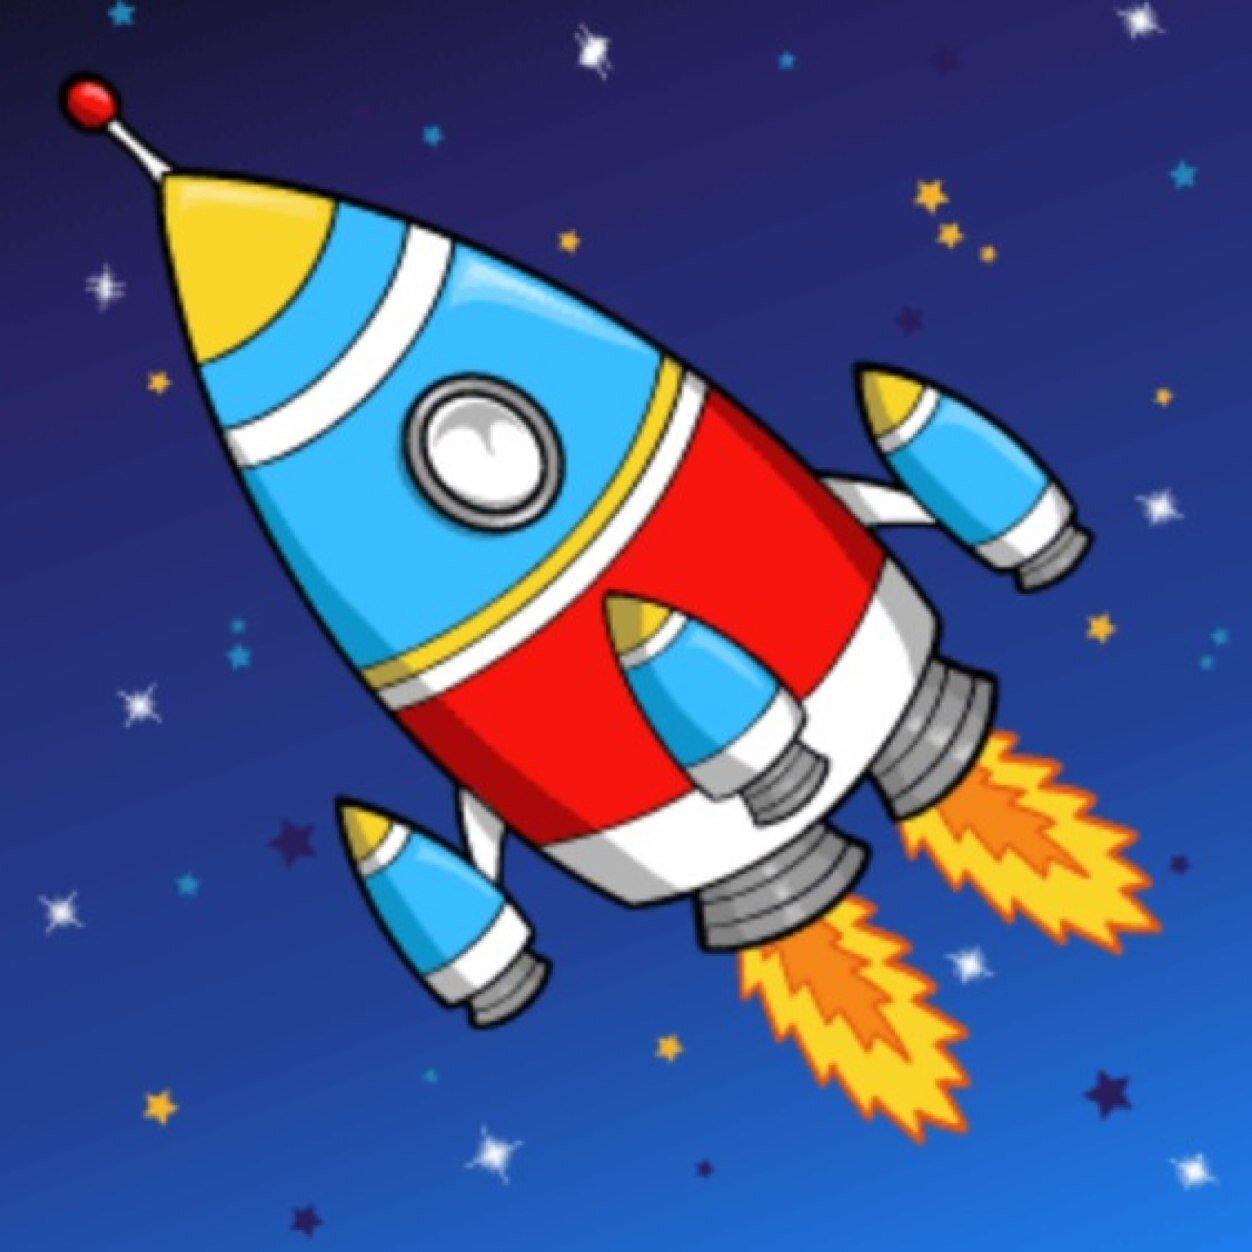 Картинки с юбилеем ракеты